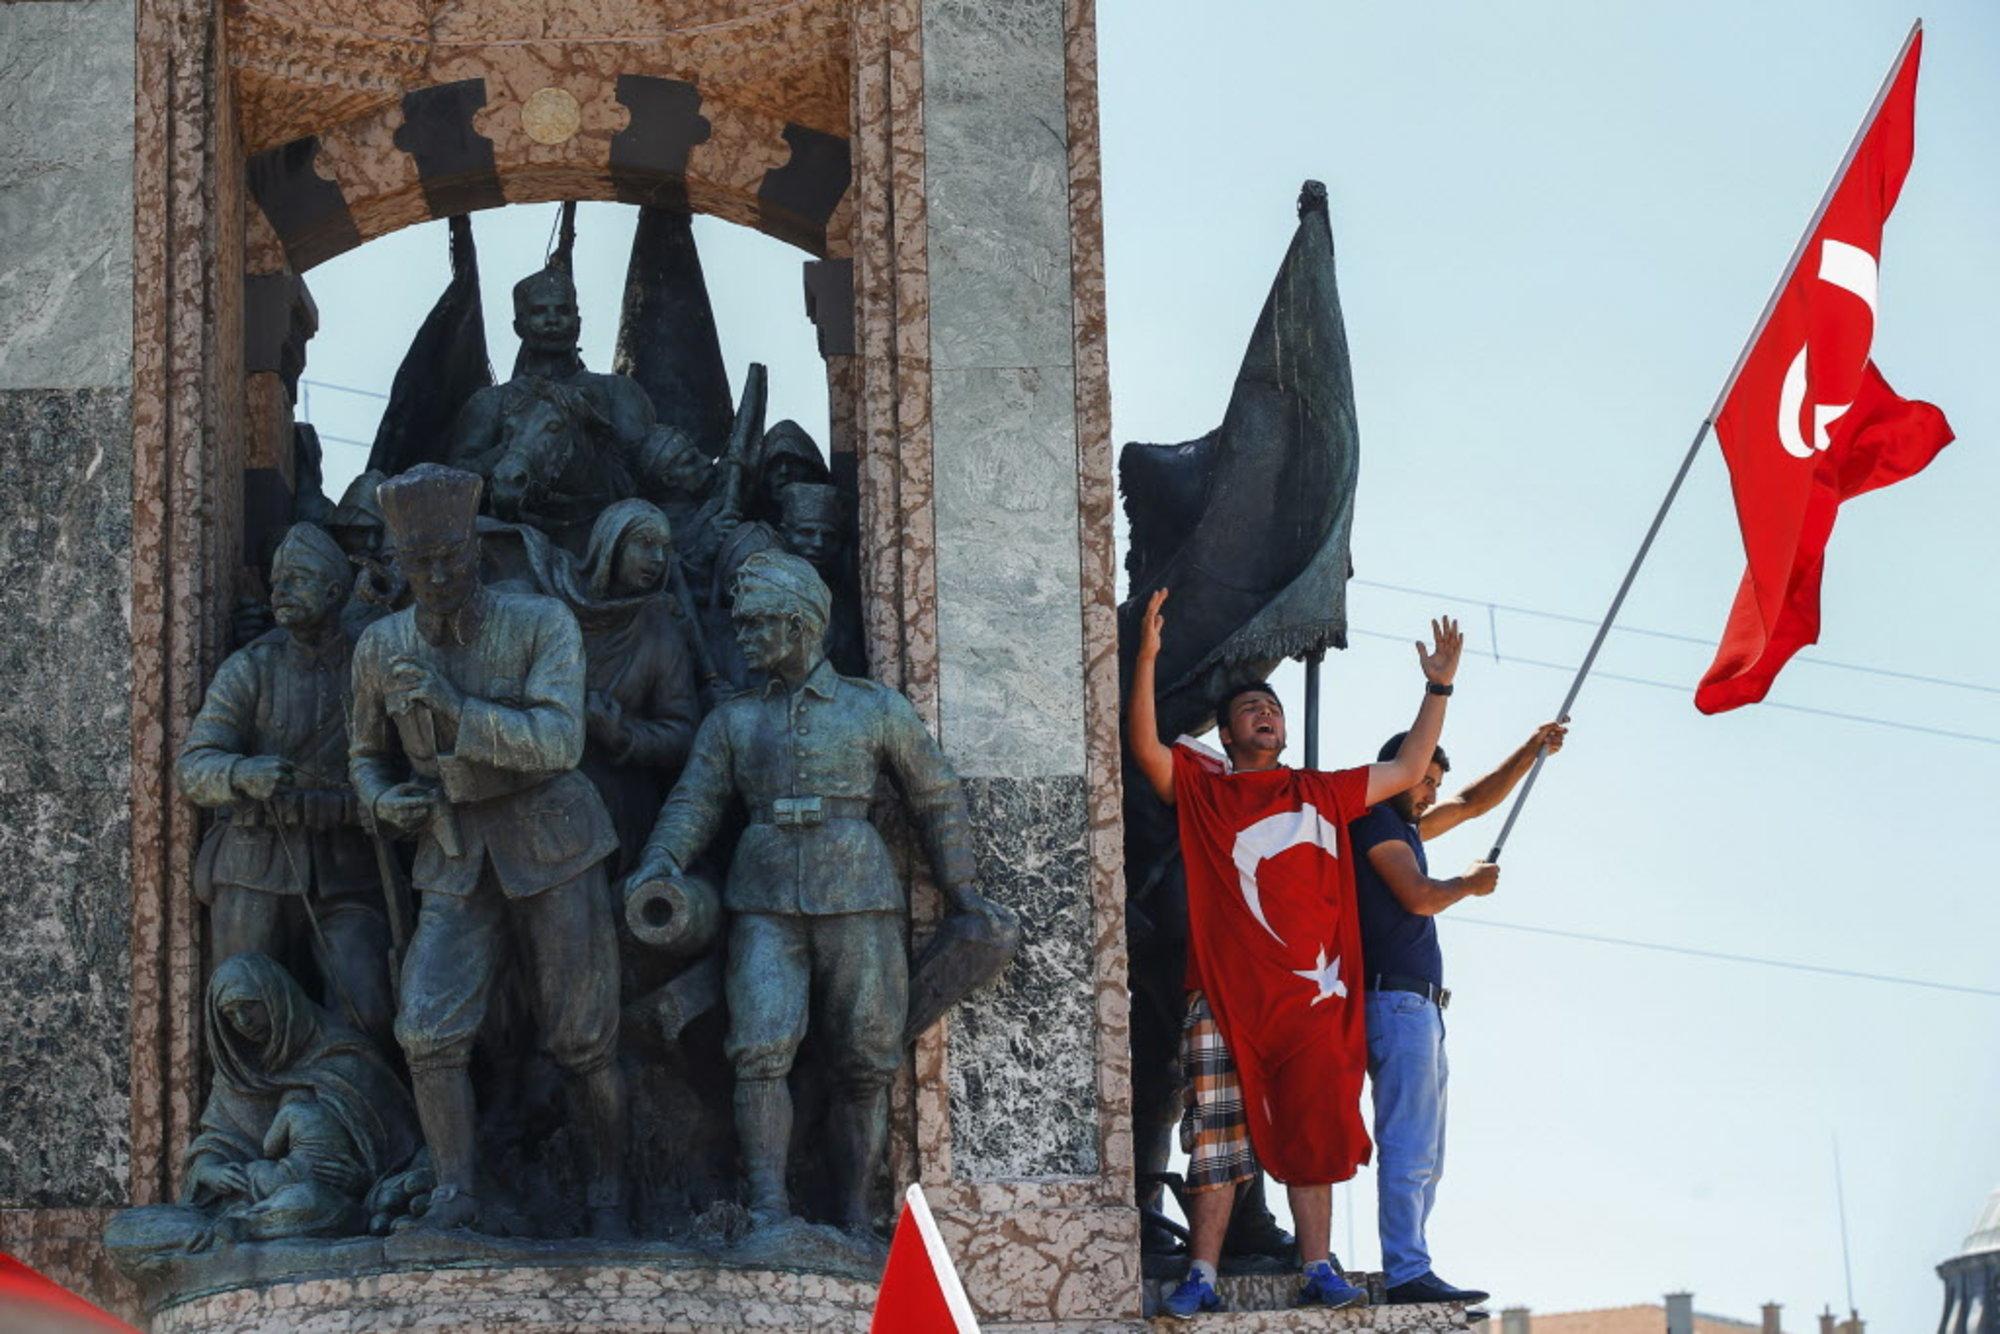 Opinion: Turkey Under Attack